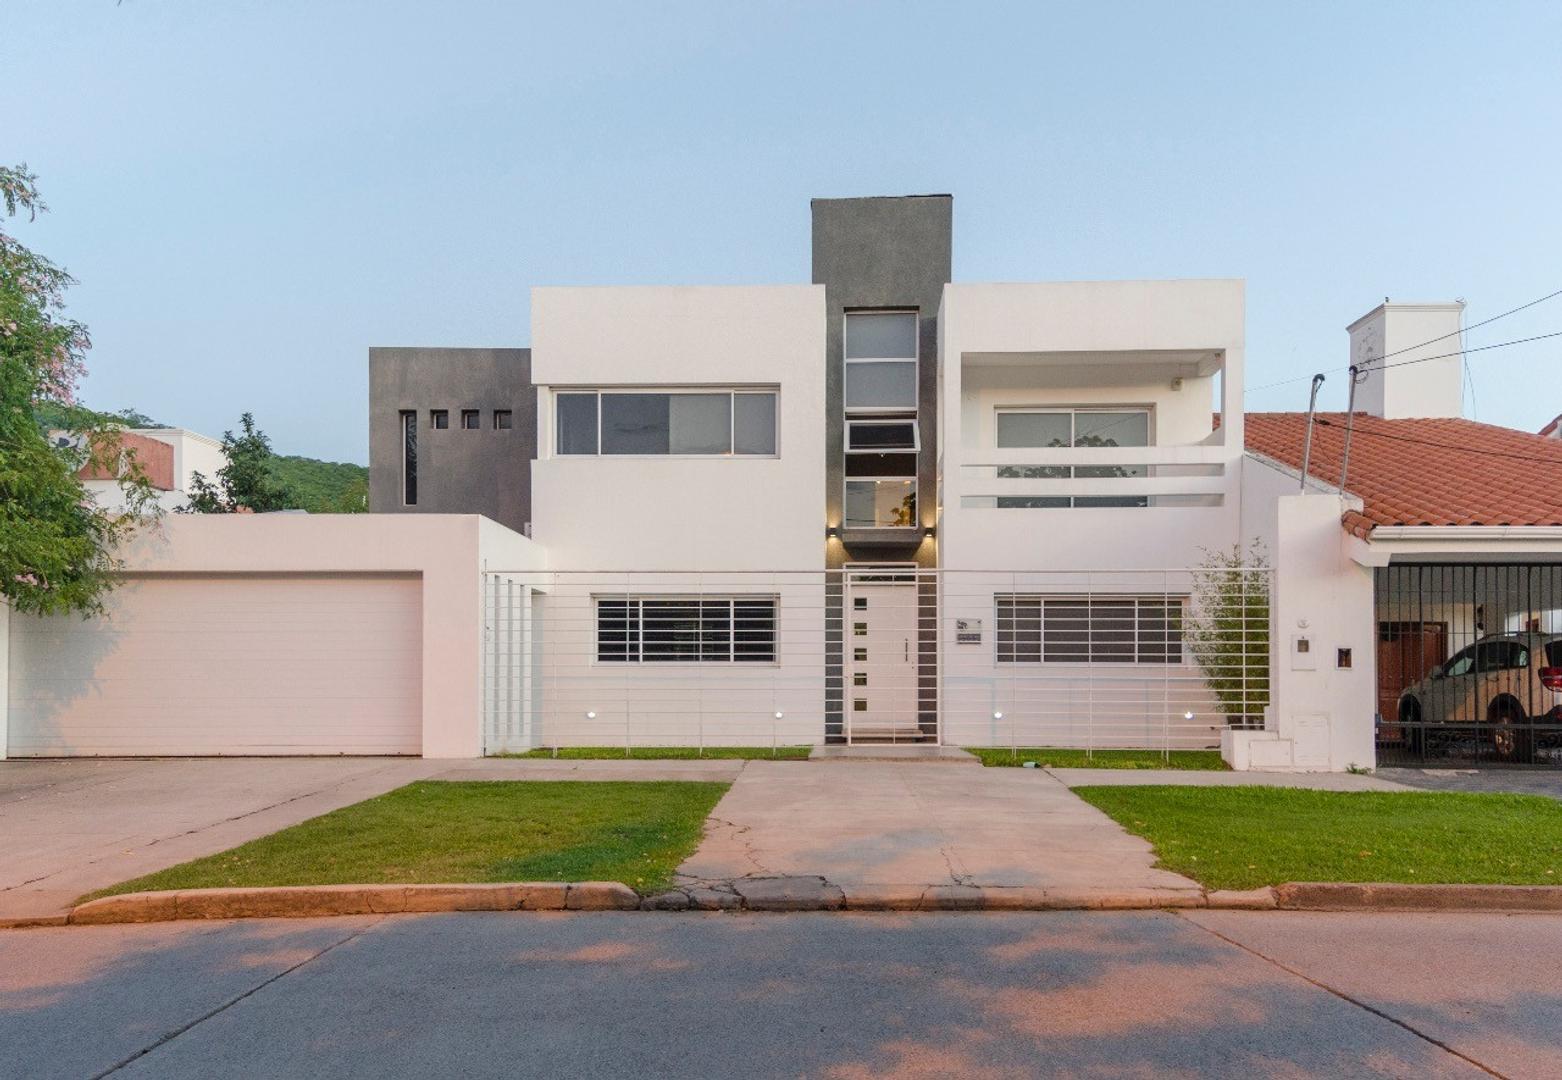 Casa en Venta en Barrio Tres Cerritos - 7 ambientes